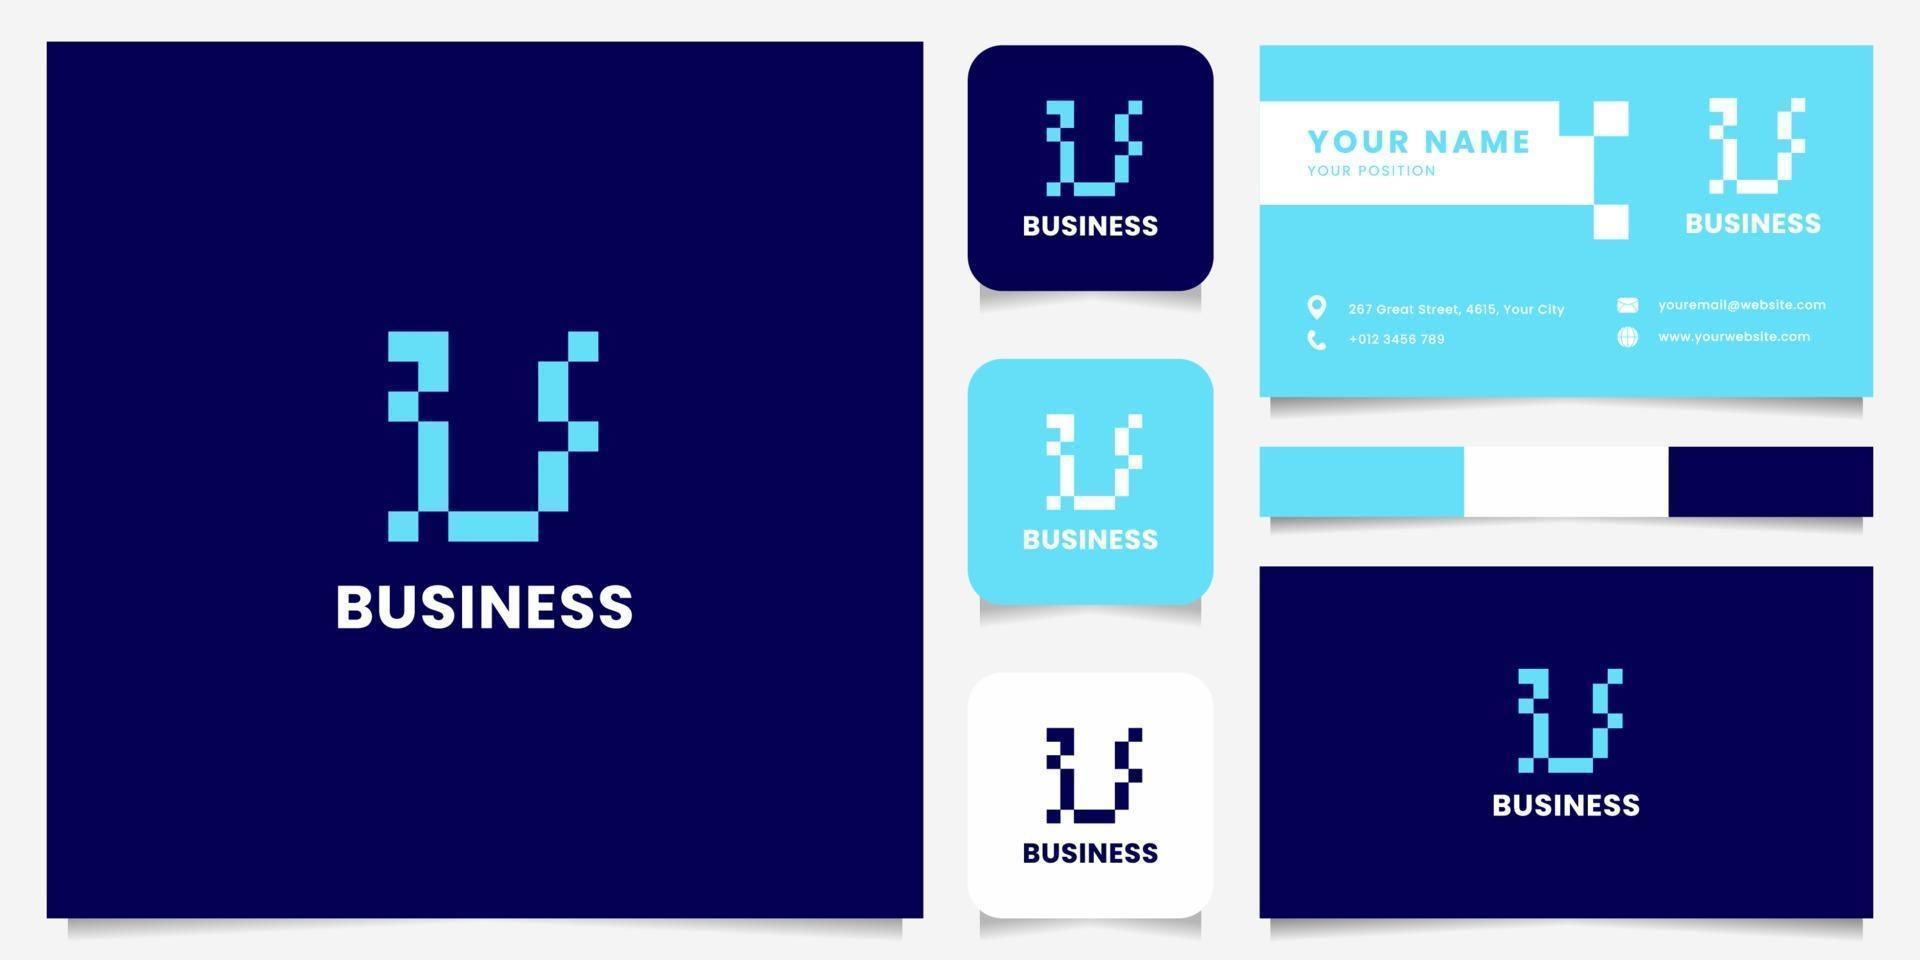 enkel och minimalistisk blå pixelbokstav u-logotyp med visitkortsmall vektor